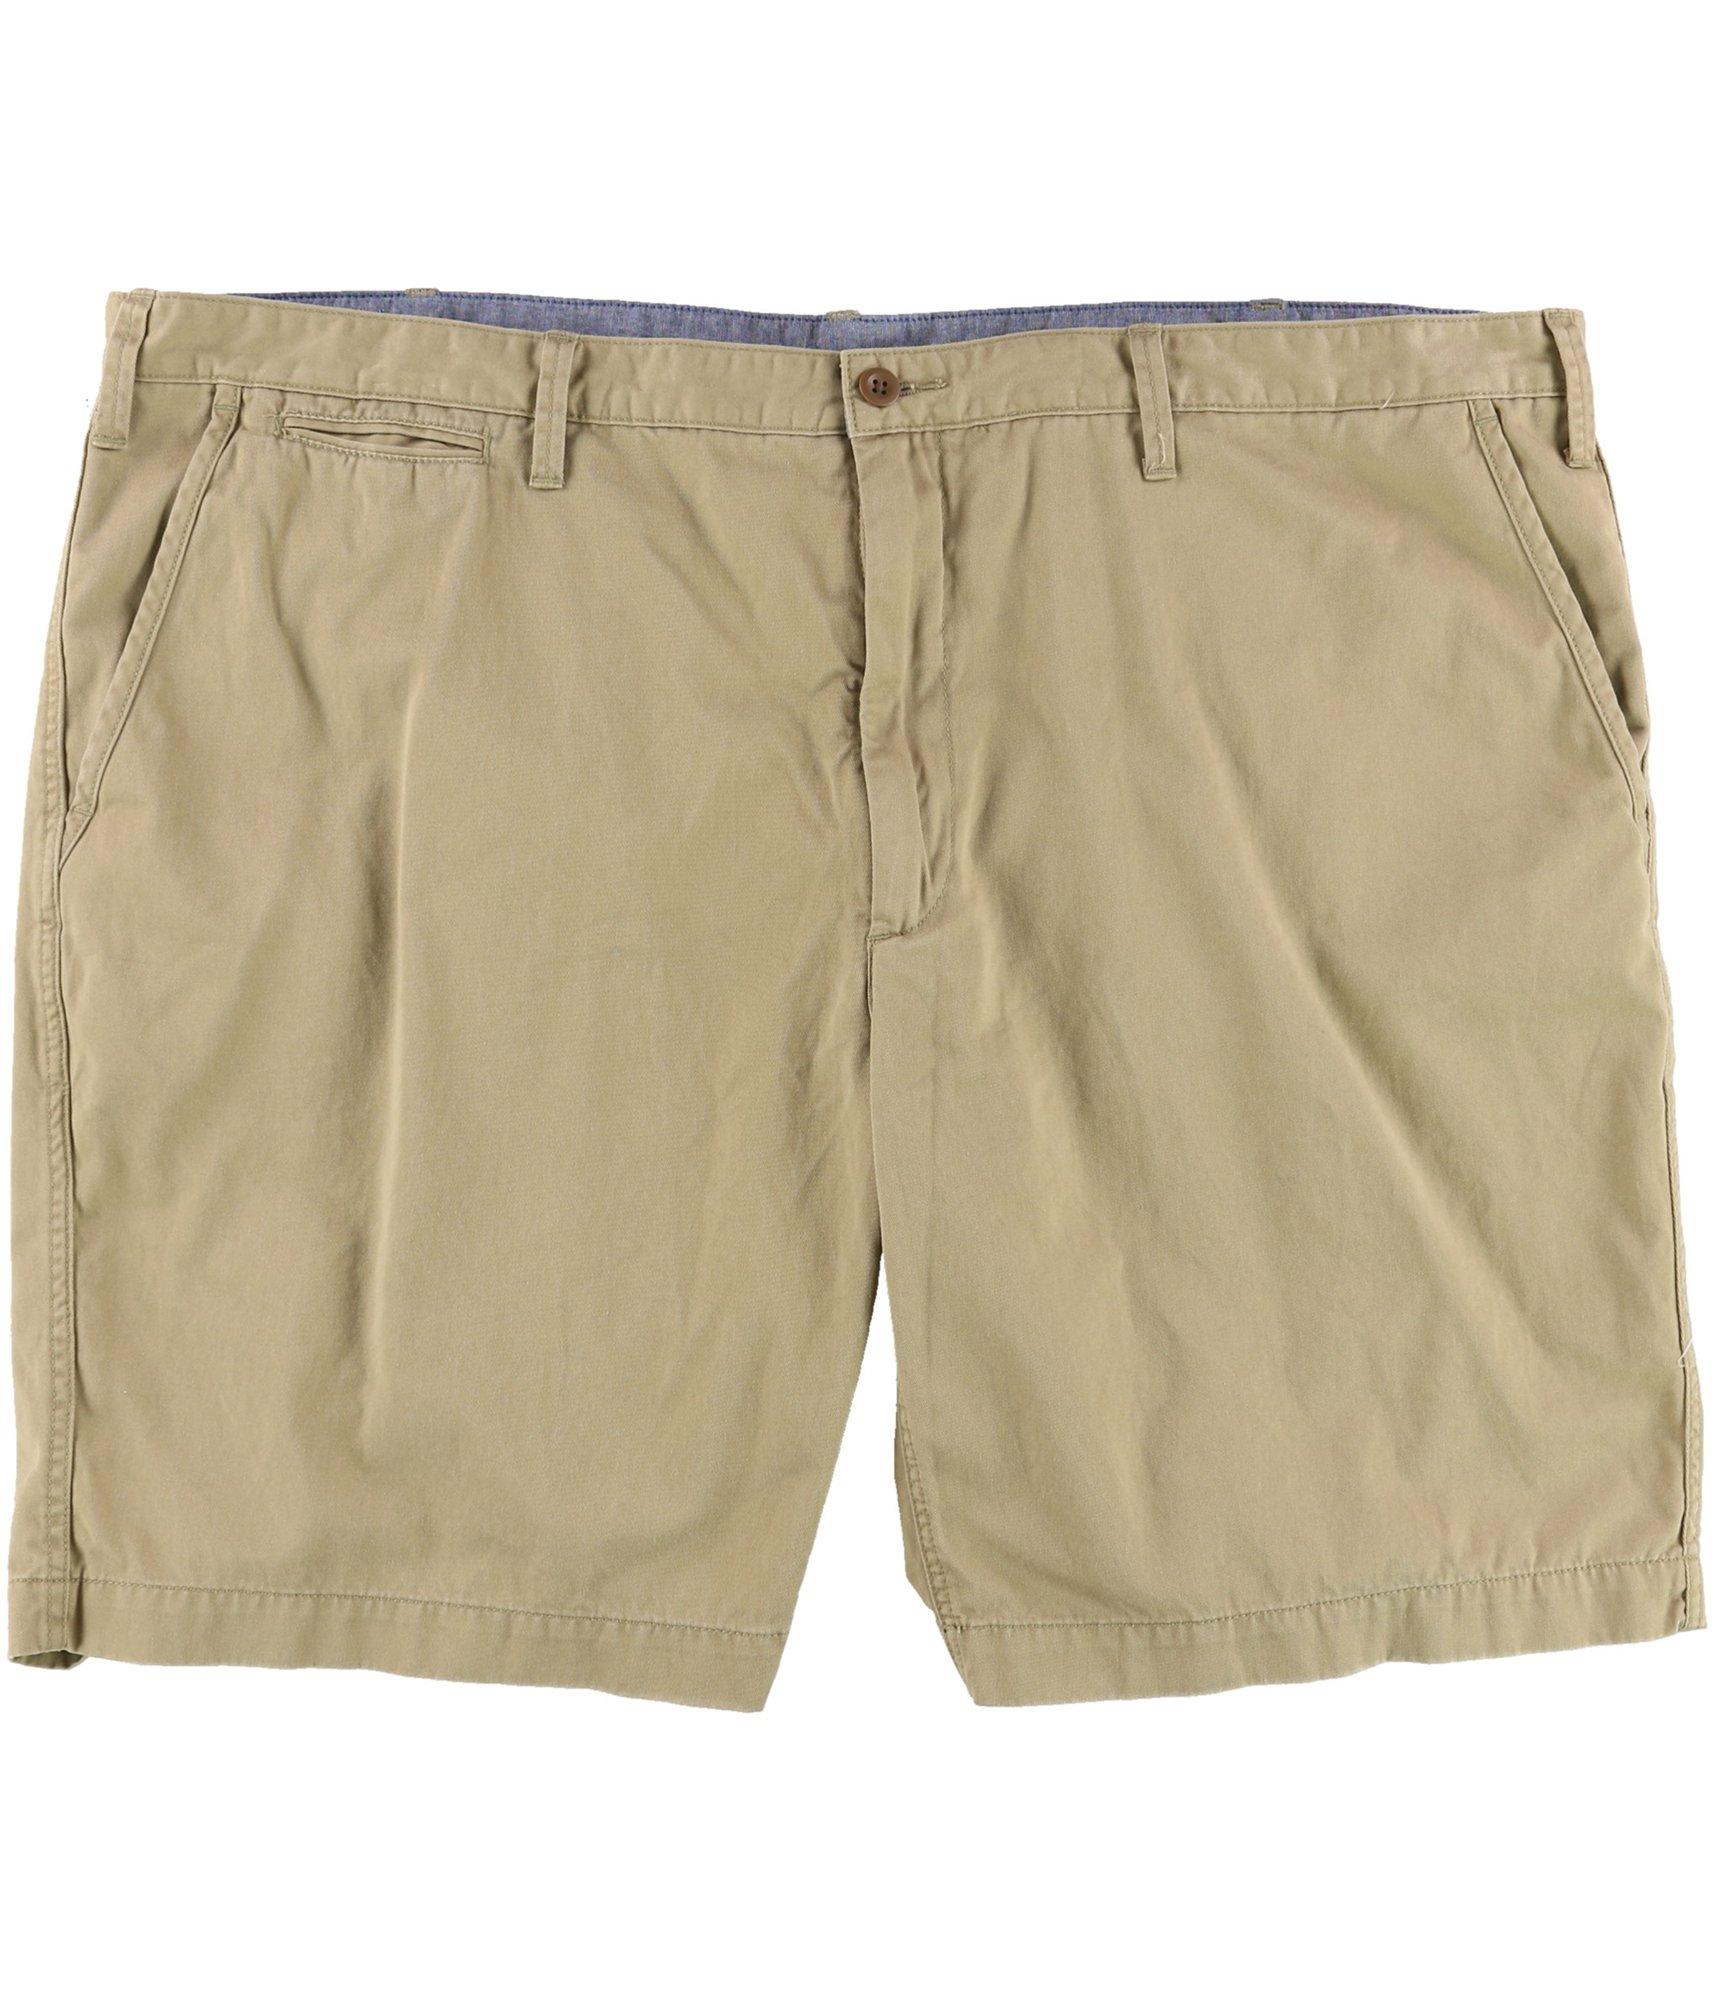 Polo Ralph Lauren Mens Big & Tall Twill Classic Fit Khaki Shorts (54 Big, Boating Khaki)